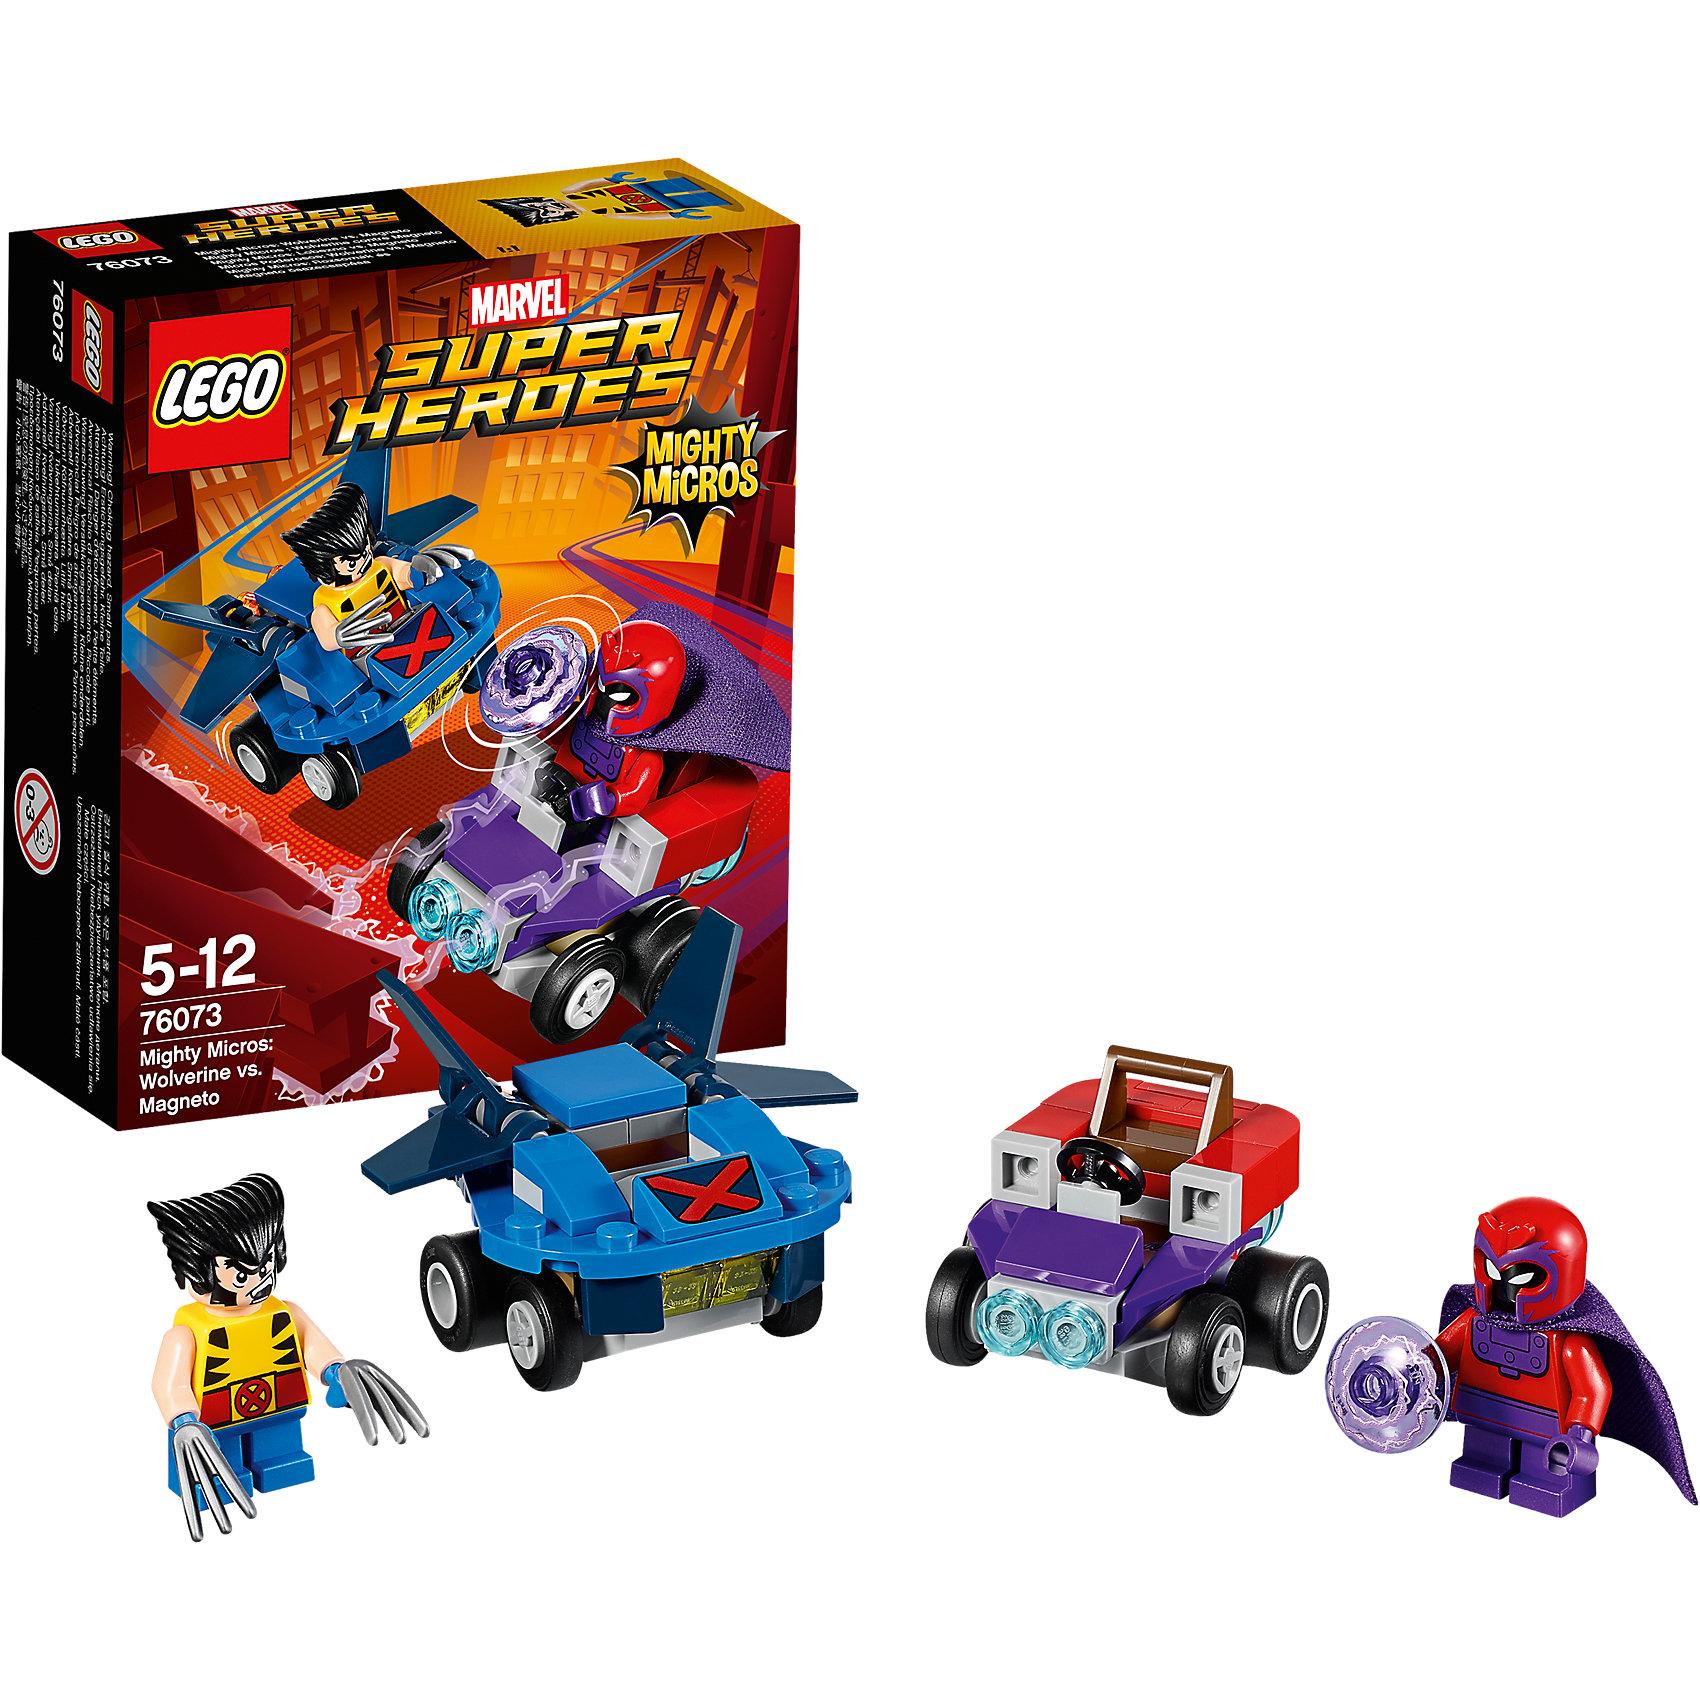 LEGO Super Heroes 76073: Mighty Micros: Росомаха против МагнетоLEGO Super Heroes 76073: Mighty Micros: Росомаха против Магнето<br><br>Характеристики:<br><br>- в набор входит: детали двух транспортных средств, 2 минифигурки; аксессуары; инструкция по сборке<br>- минифигурки набора: Росомаха, Магнето<br>- состав: пластик<br>- количество деталей: 85<br>- размер самолета Росомахи: 5 * 4 * 3 см.<br>- размер машины Магнето: 5 * 4 * 3 см.<br>- для детей в возрасте: от 5 до 12 лет<br>- Страна производитель: Дания/Китай/Чехия<br><br>Легендарный конструктор LEGO (ЛЕГО) представляет серию «Super Heroes» (Супер герои) по сюжетам фильмов и мультфильмов о супергероях. Этот набор понравится любителям комиксов Marvel, мультфильмов и фильмов о Росомахе и Людях Х. <br><br>Фигурки набора выглядят ярко, очень качественно проработаны, в их разработке были использованы уникальные детали не встречающиеся в других наборах. Росомаха представлен с типичной для него прической и съемными клинками. Магнето в фиолетовом плаще представлен со своей угрожающей электрической силой. <br><br>В своем противостоянии соперники сели за руль машин, создав невероятные сцены погони и битвы. Скоростной самолет Росомахи оснащен мощными двойными крыльями и знаком Людей Х, самолет может передвигаться и по земле, как машина. Машина злодея Магнето выглядит как большой магнит, который усиливает его силы. Помоги Росомахе одержать верх над Магнето! <br><br>Играя с конструктором ребенок развивает моторику рук, воображение и логическое мышление, научится собирать по инструкции и создавать свои модели. Придумывайте новые истории любимых героев с набором LEGO «Super Heroes»!<br><br>Конструктор LEGO Super Heroes 76073: Mighty Micros: Росомаха против Магнето можно купить в нашем интернет-магазине.<br><br>Ширина мм: 122<br>Глубина мм: 46<br>Высота мм: 141<br>Вес г: 88<br>Возраст от месяцев: 60<br>Возраст до месяцев: 144<br>Пол: Мужской<br>Возраст: Детский<br>SKU: 5002436